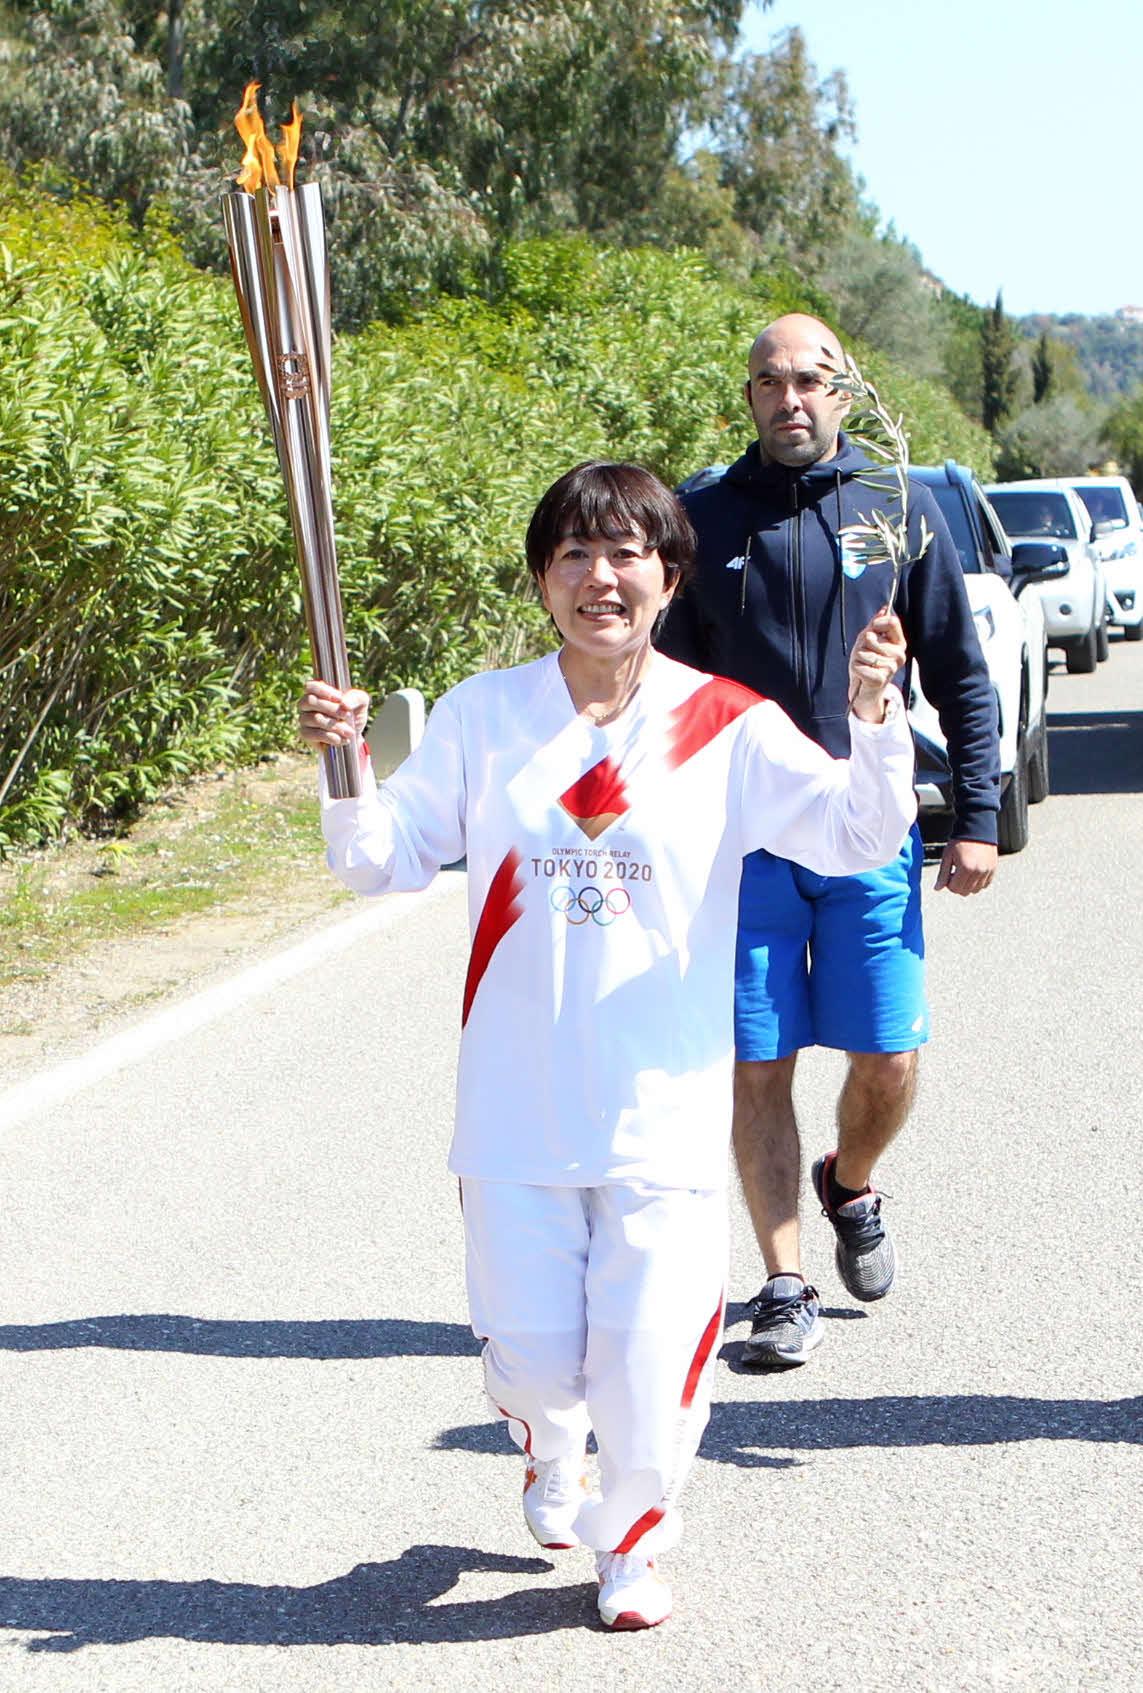 日本人第1走者として聖火リレーを走る野口みずきさん